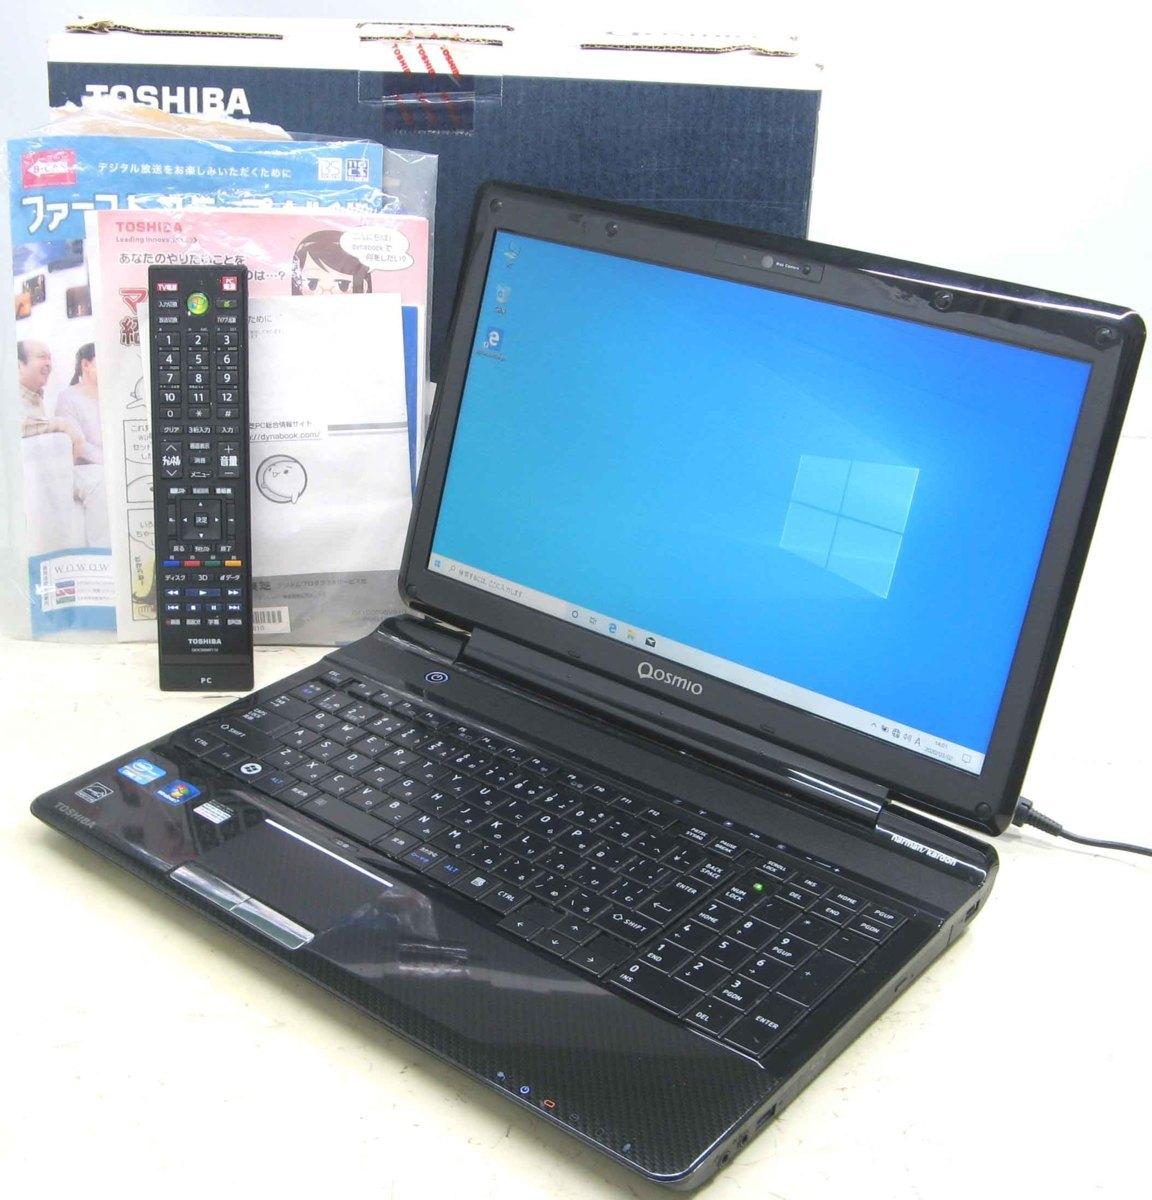 中古ノートパソコン 東芝 dynabook Qosmio T751/T8EB PT751T8EBFB Windows10 Corei7 メモリ4GB 15.6インチ HDMI 無線 ブルーレイ 中古パソコン 中古PC